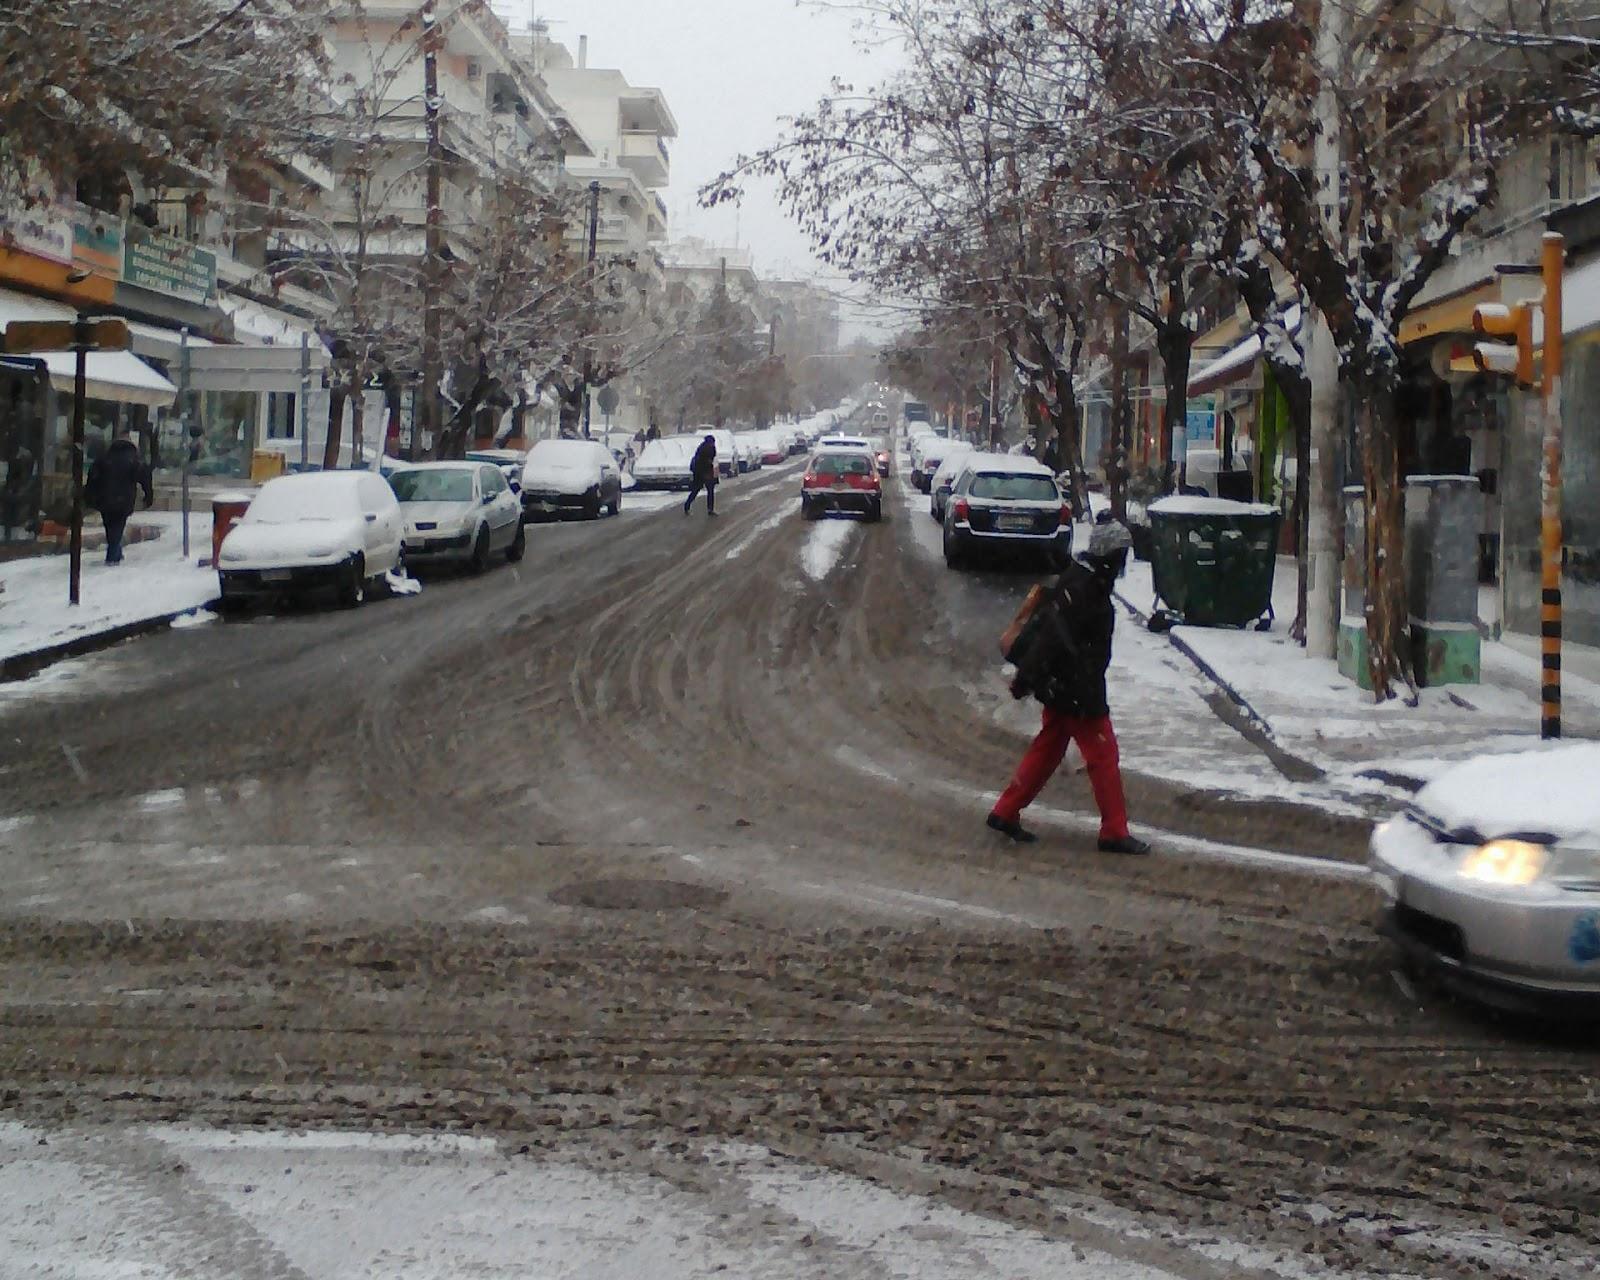 Ο σχεδιασμός του Δήμου Θεσσαλονίκης εν όψει της επικείμενης κακοκαιρίας